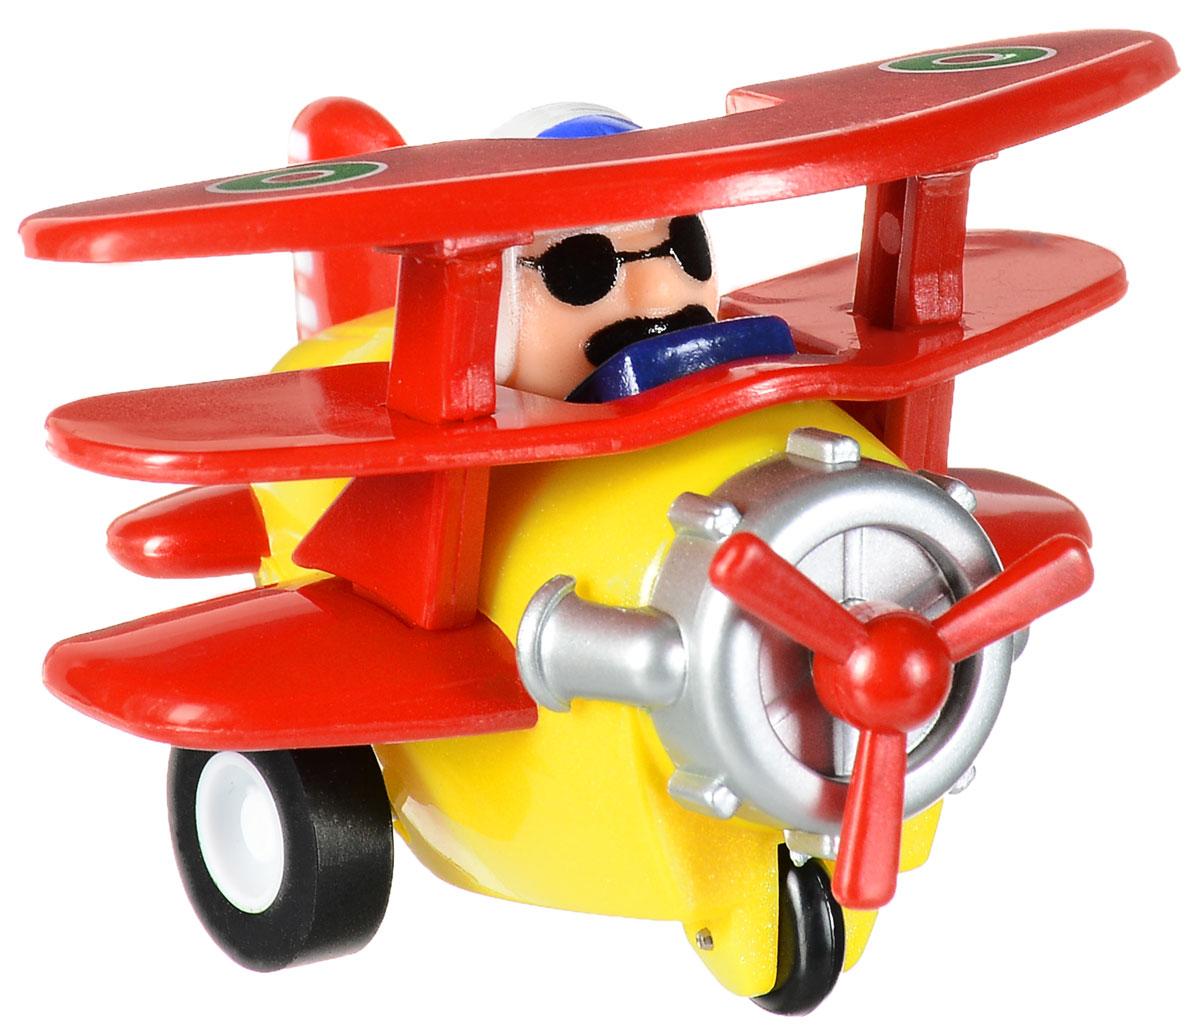 Hans Самолет инерционный цвет красный желтый набор инструмента hans 6617m